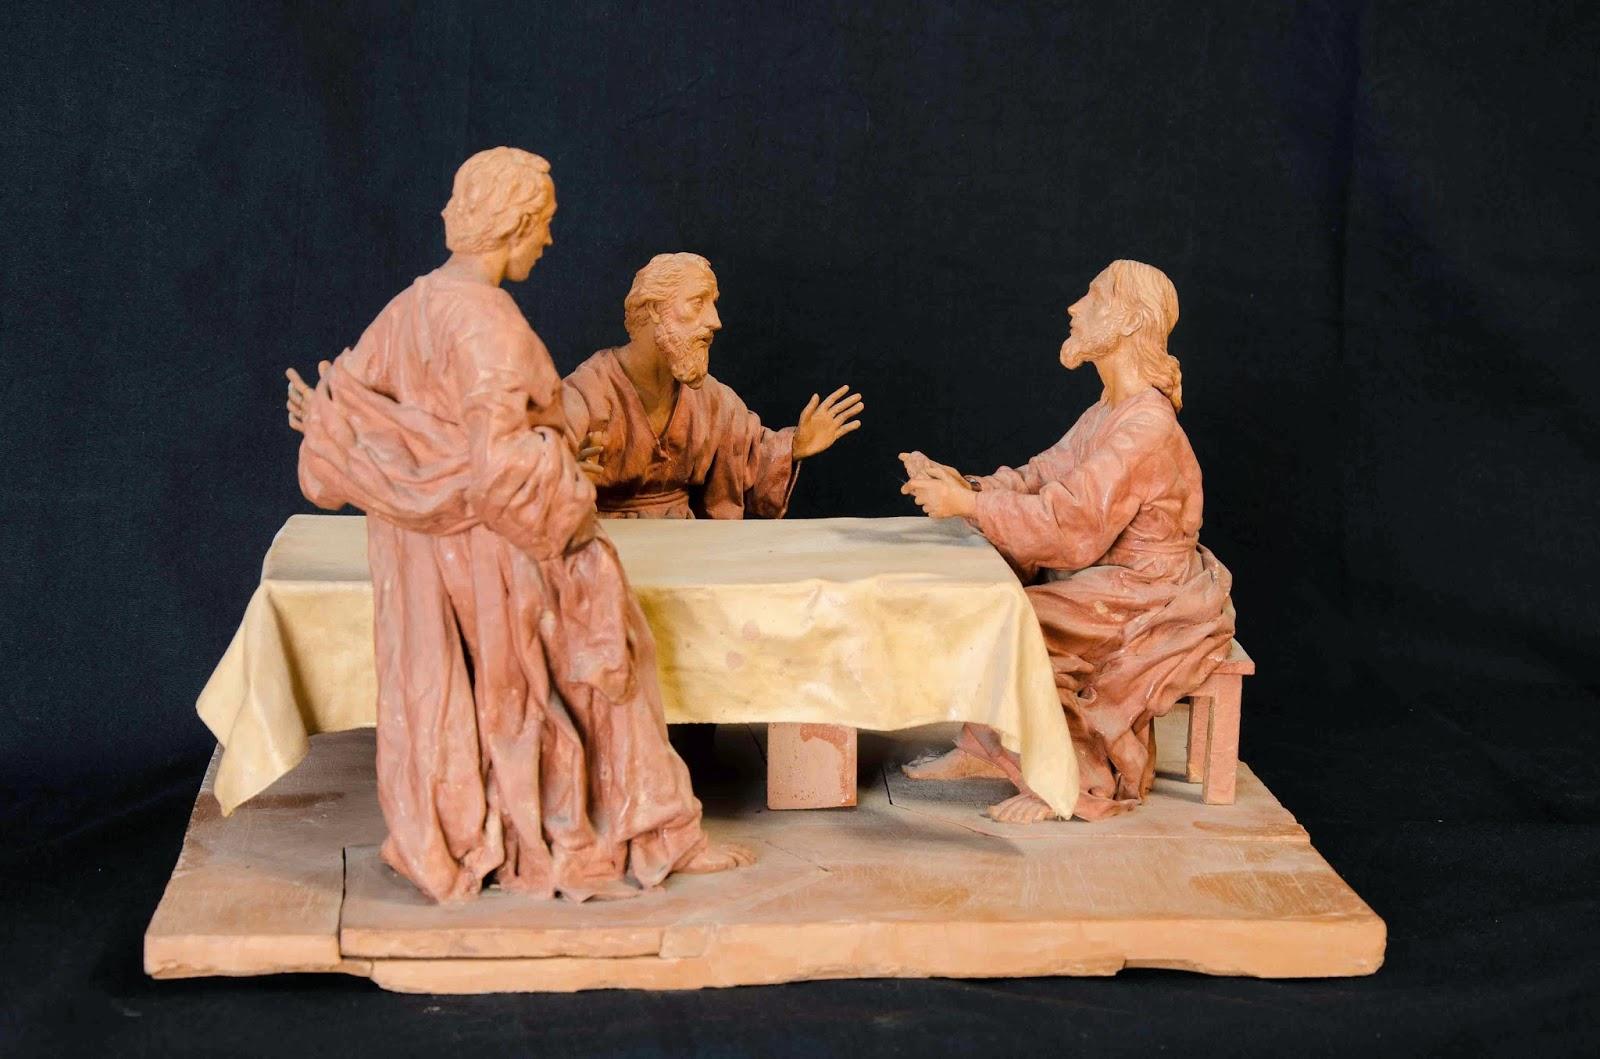 Discípulos de Emaús Semana Santa Jumilla Murcia escultura 6